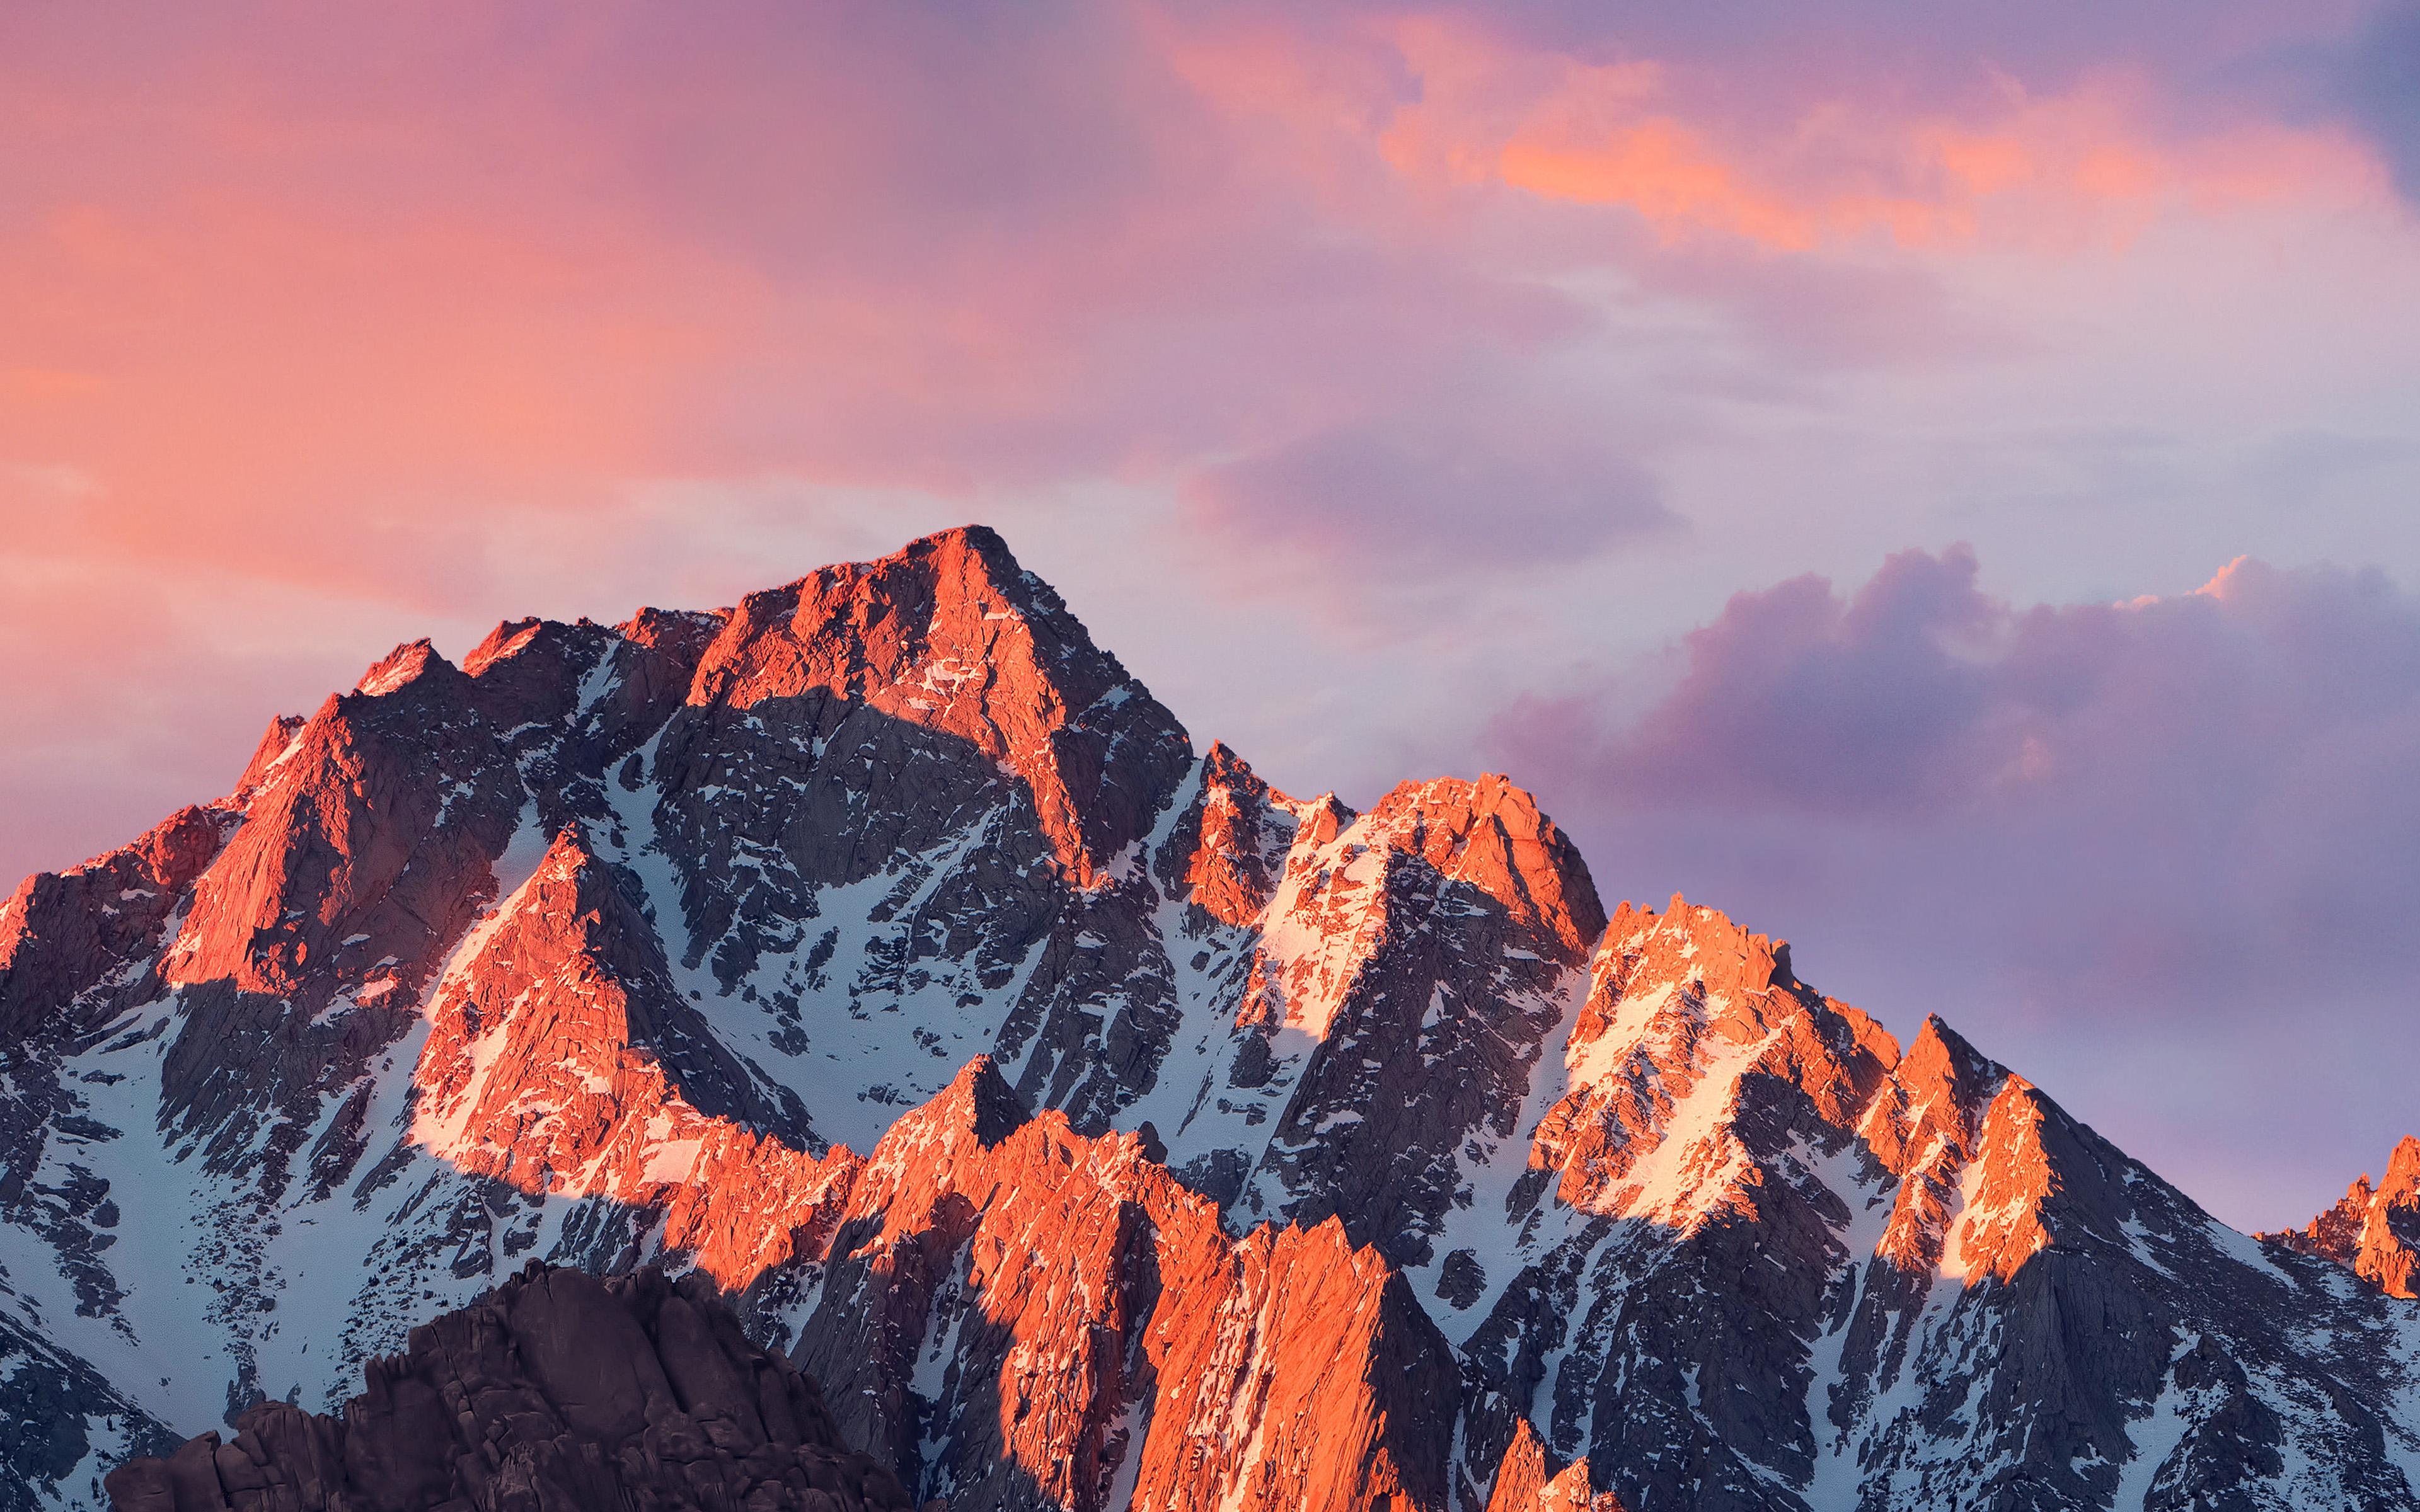 Fall Winter Iphone Wallpaper Ar67 4k Sierra Apple Wallpaper Art Mountain Sunset Wallpaper